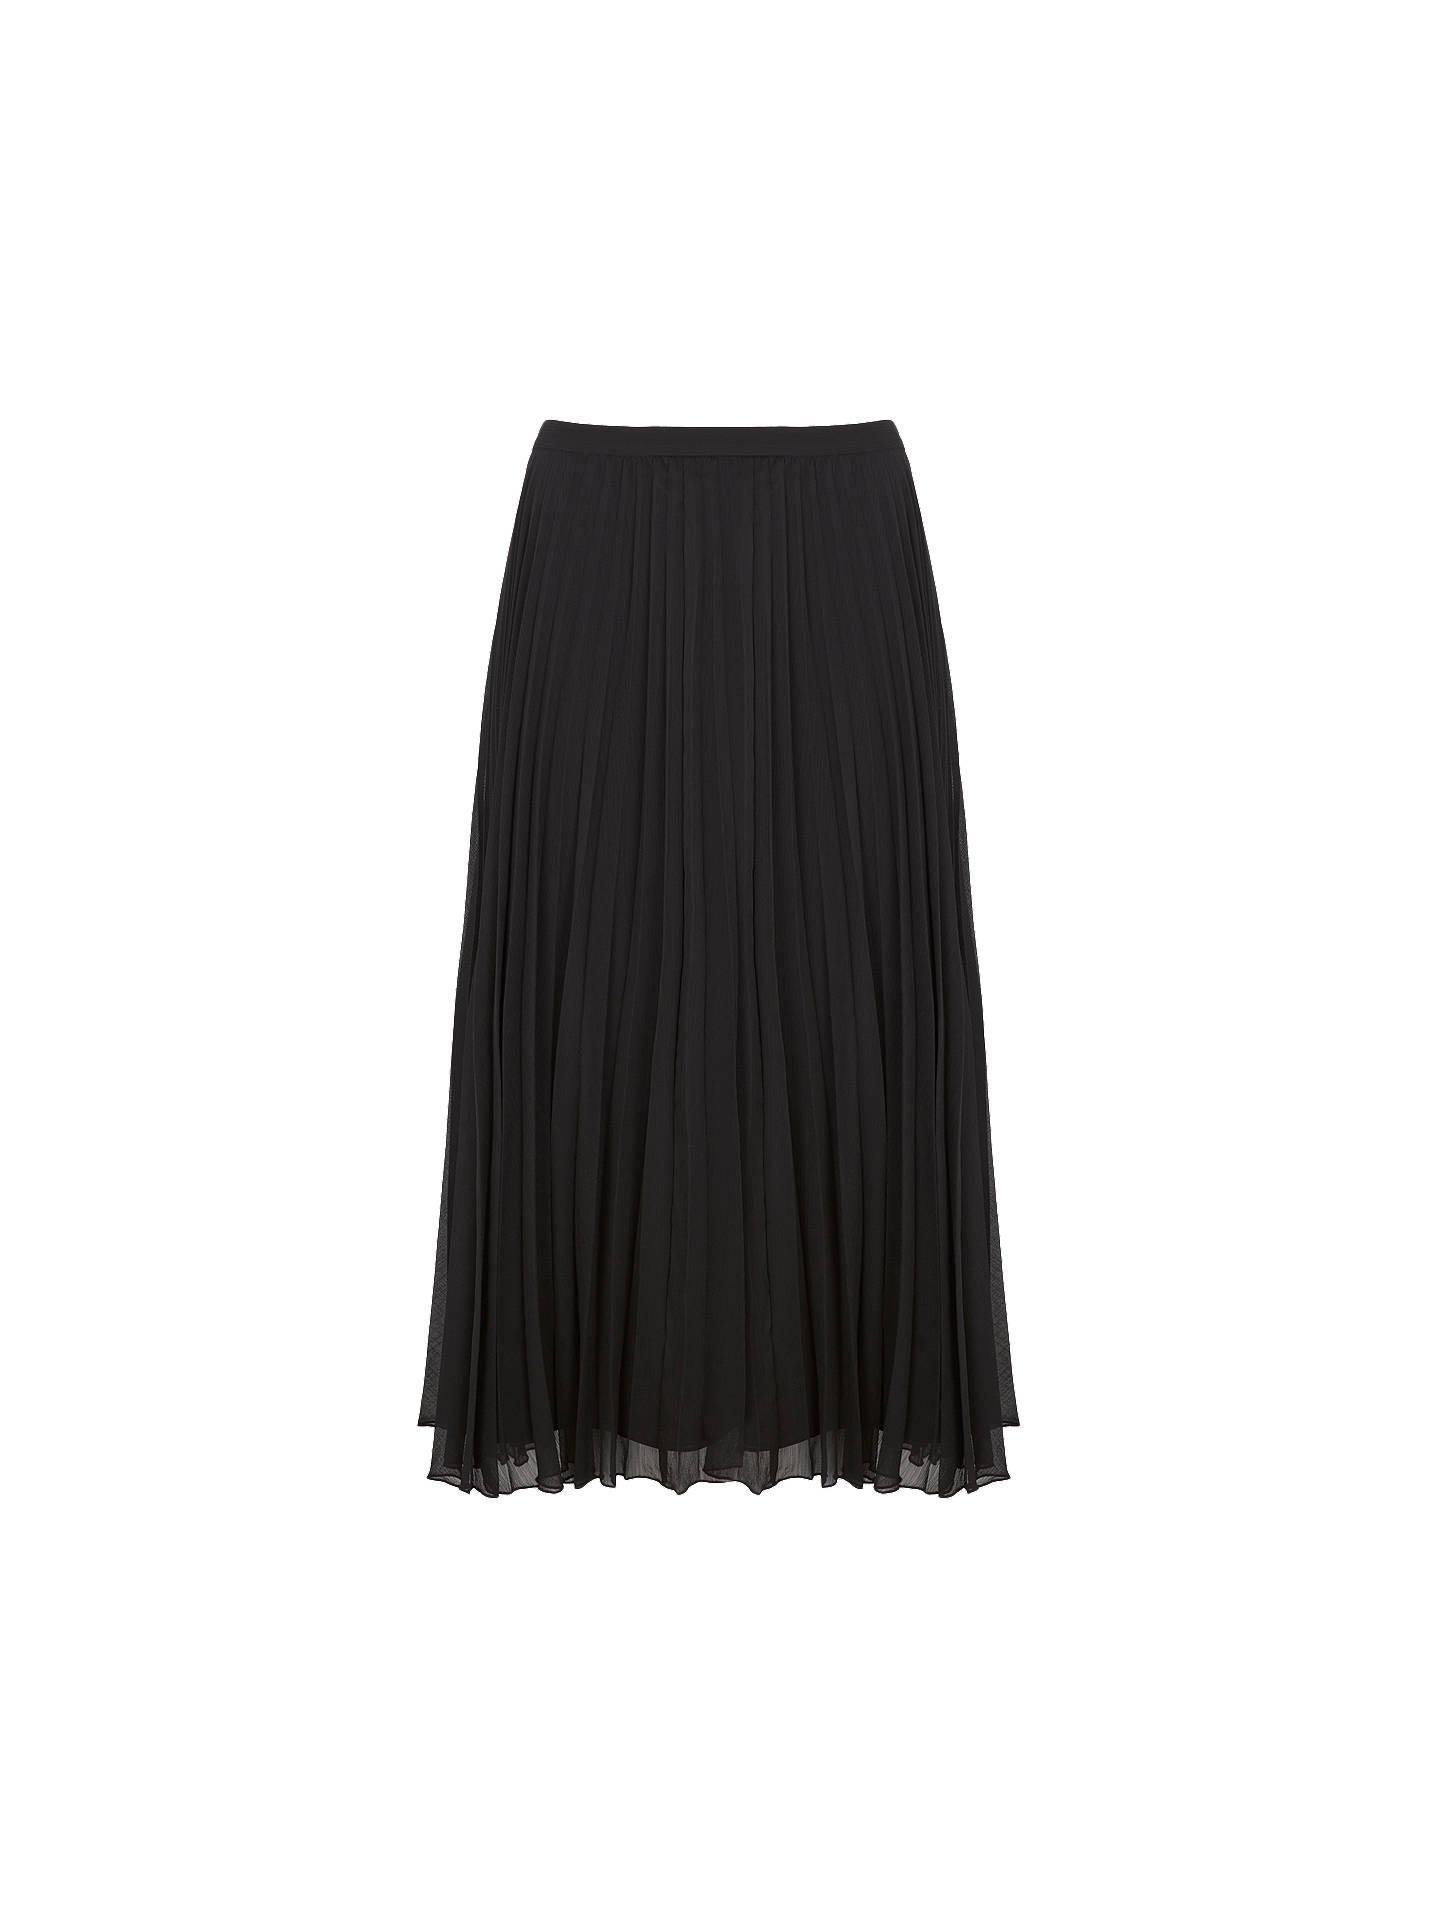 948a3118e0 Buy Mint Velvet Chiffon Pleated Skirt, Black, 6 Online at johnlewis.com ...